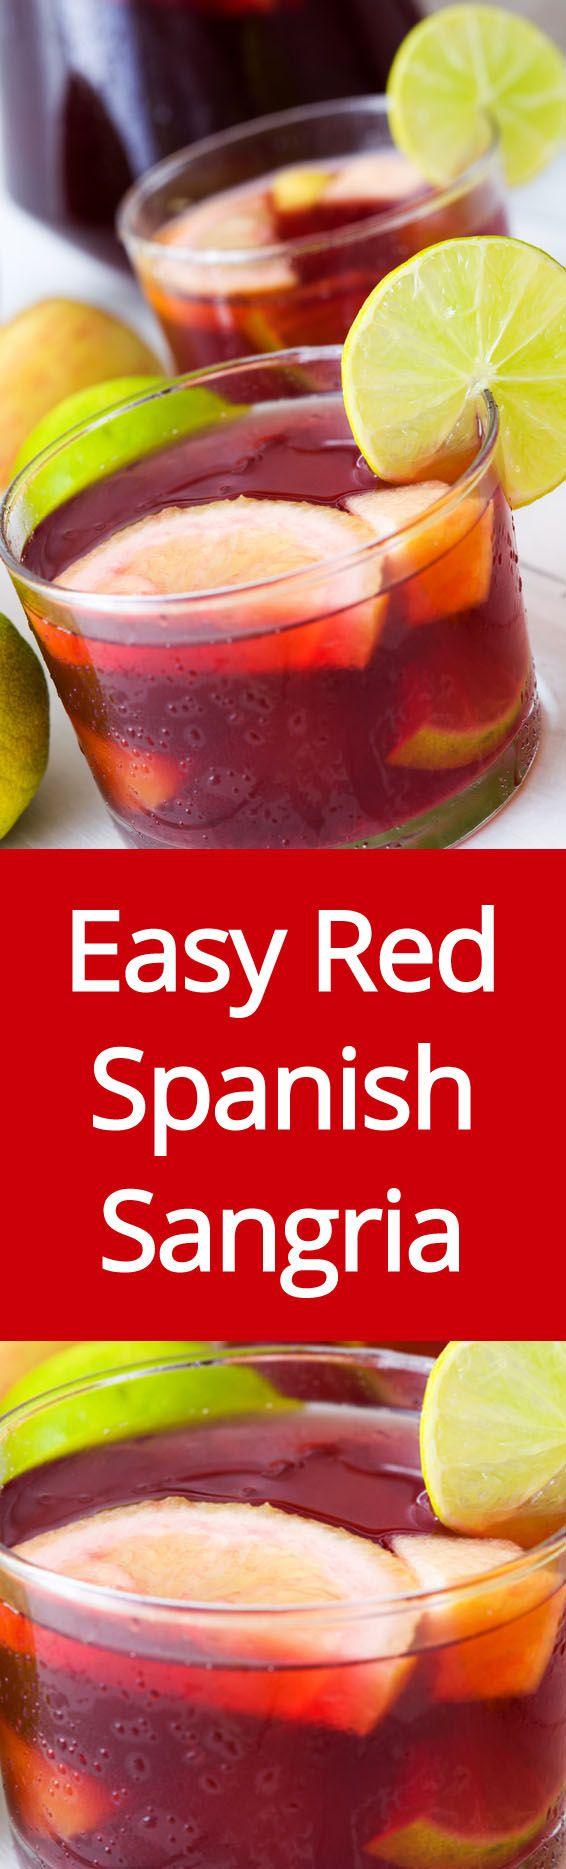 Easy Homemade Sangria Recipe - How To Make Spanish Red Wine Sangria | MelanieCooks.com